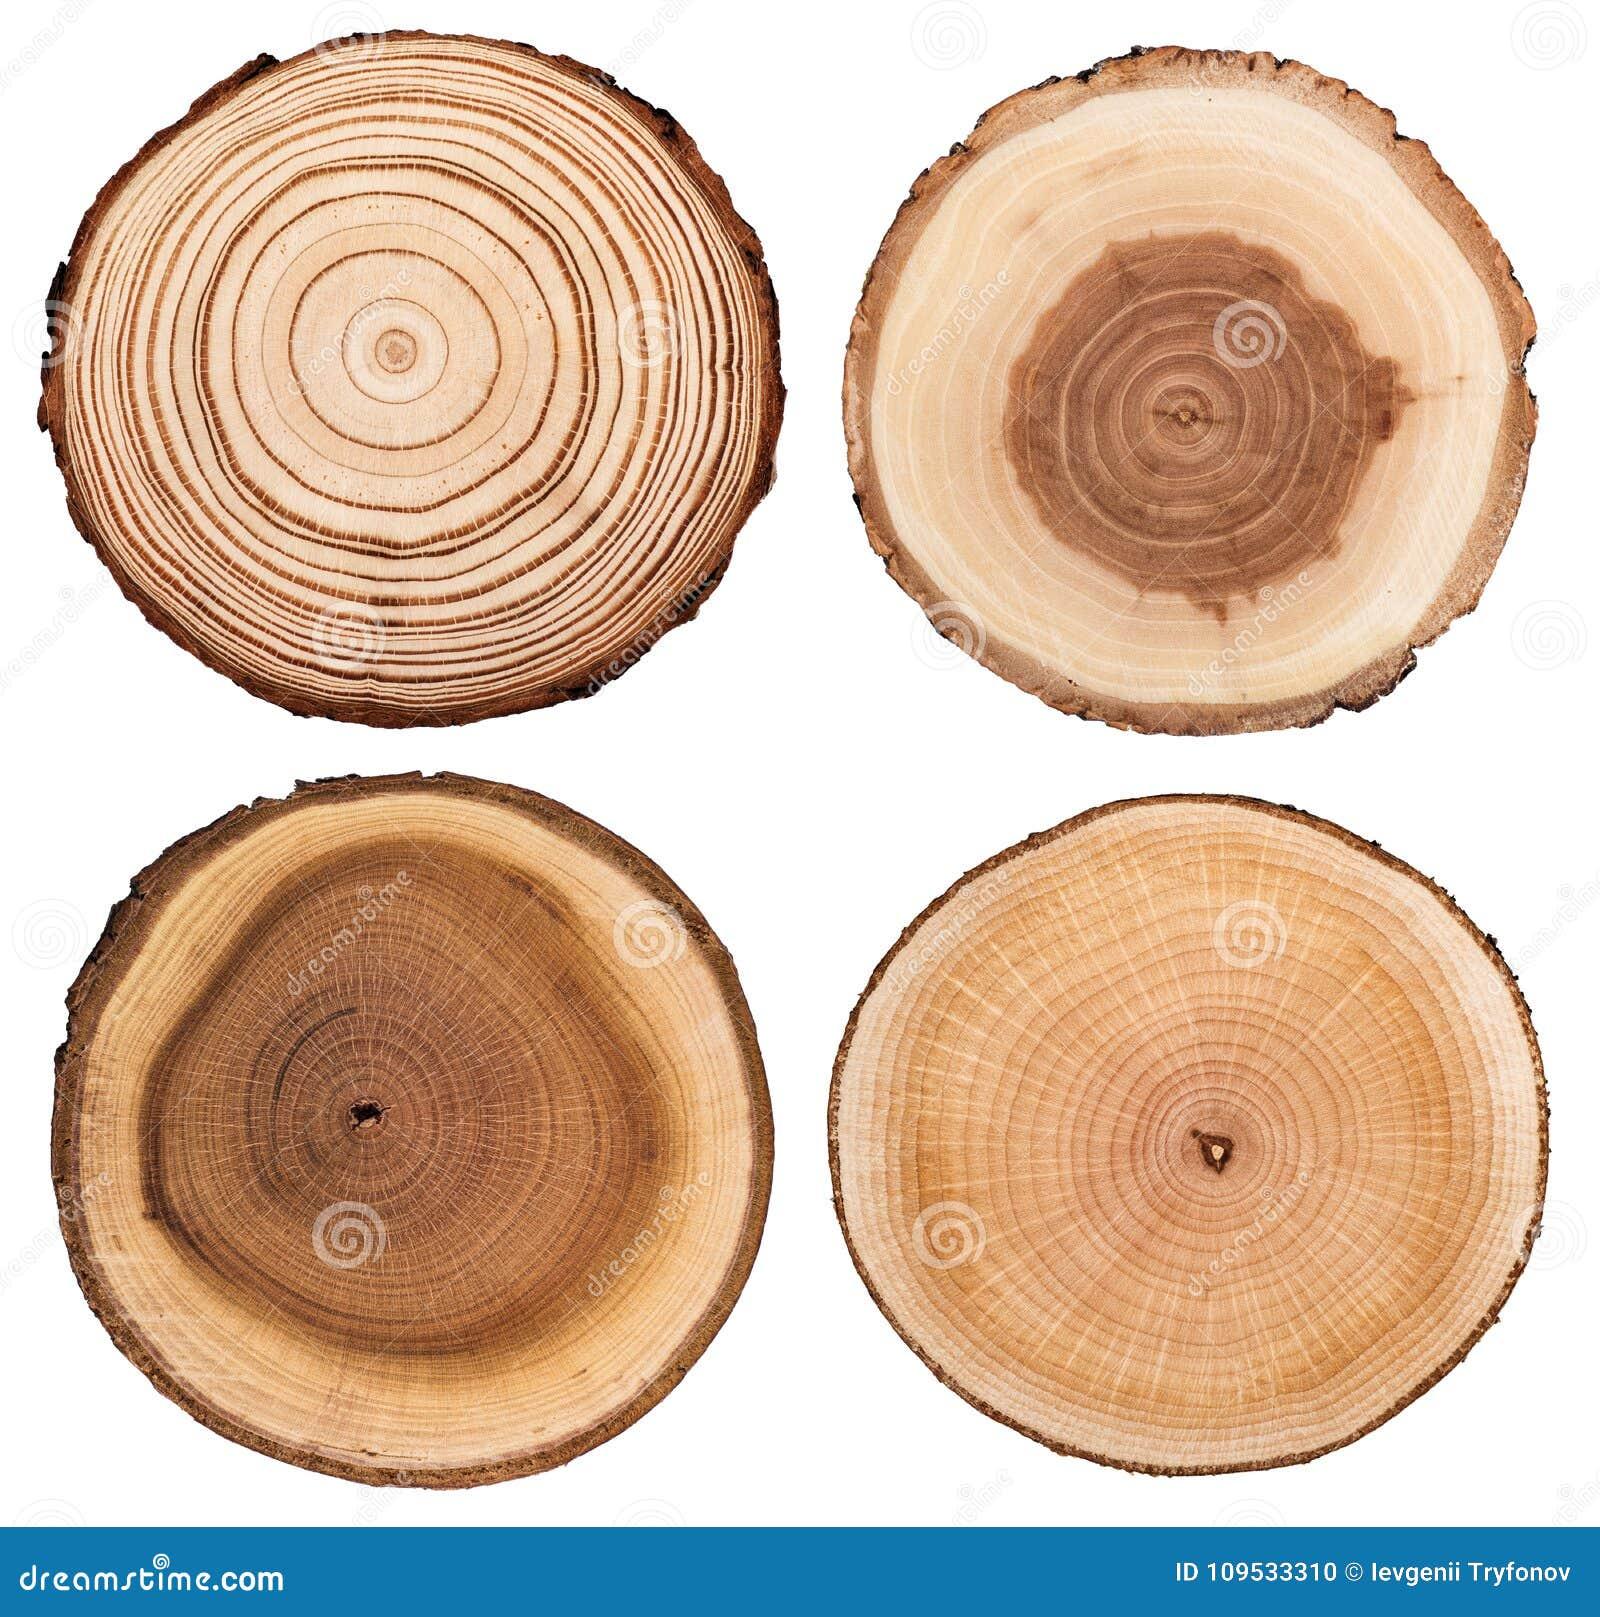 El corte transversal del tronco de árbol que mostraba los anillos de crecimiento fijó aislado en el fondo blanco